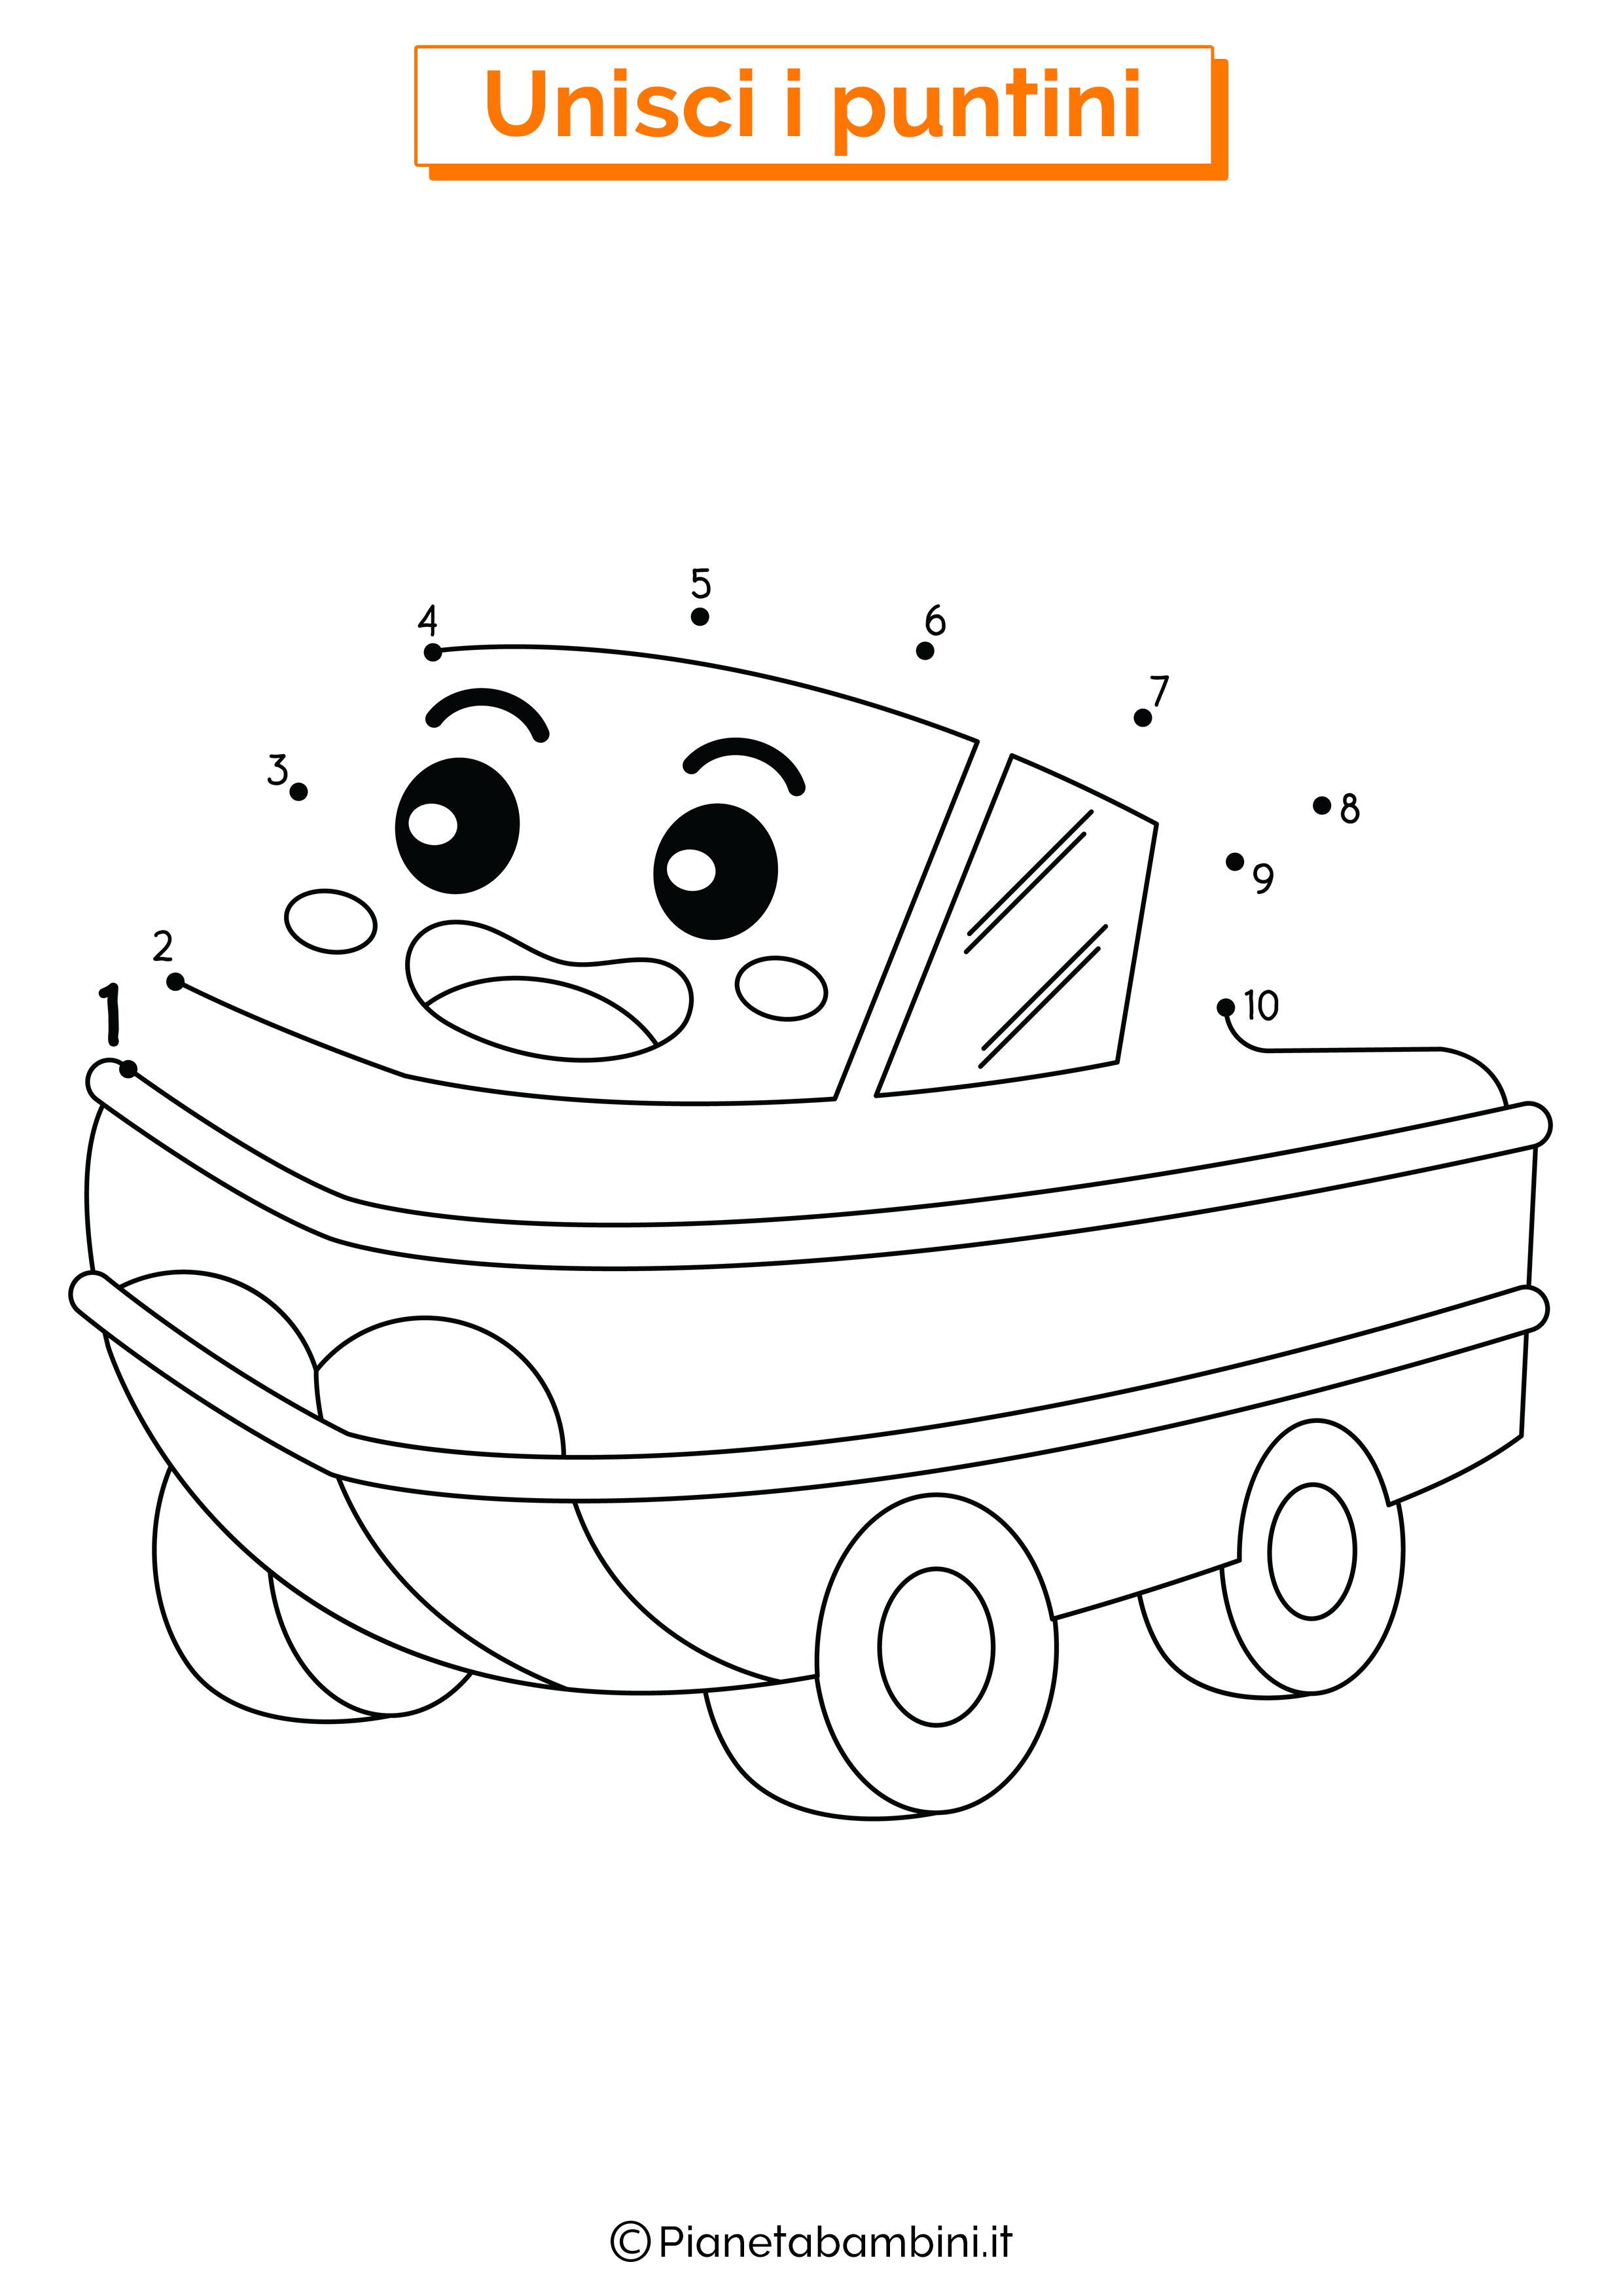 Disegno Unisci i puntini da 1 a 10 veicolo anfibio